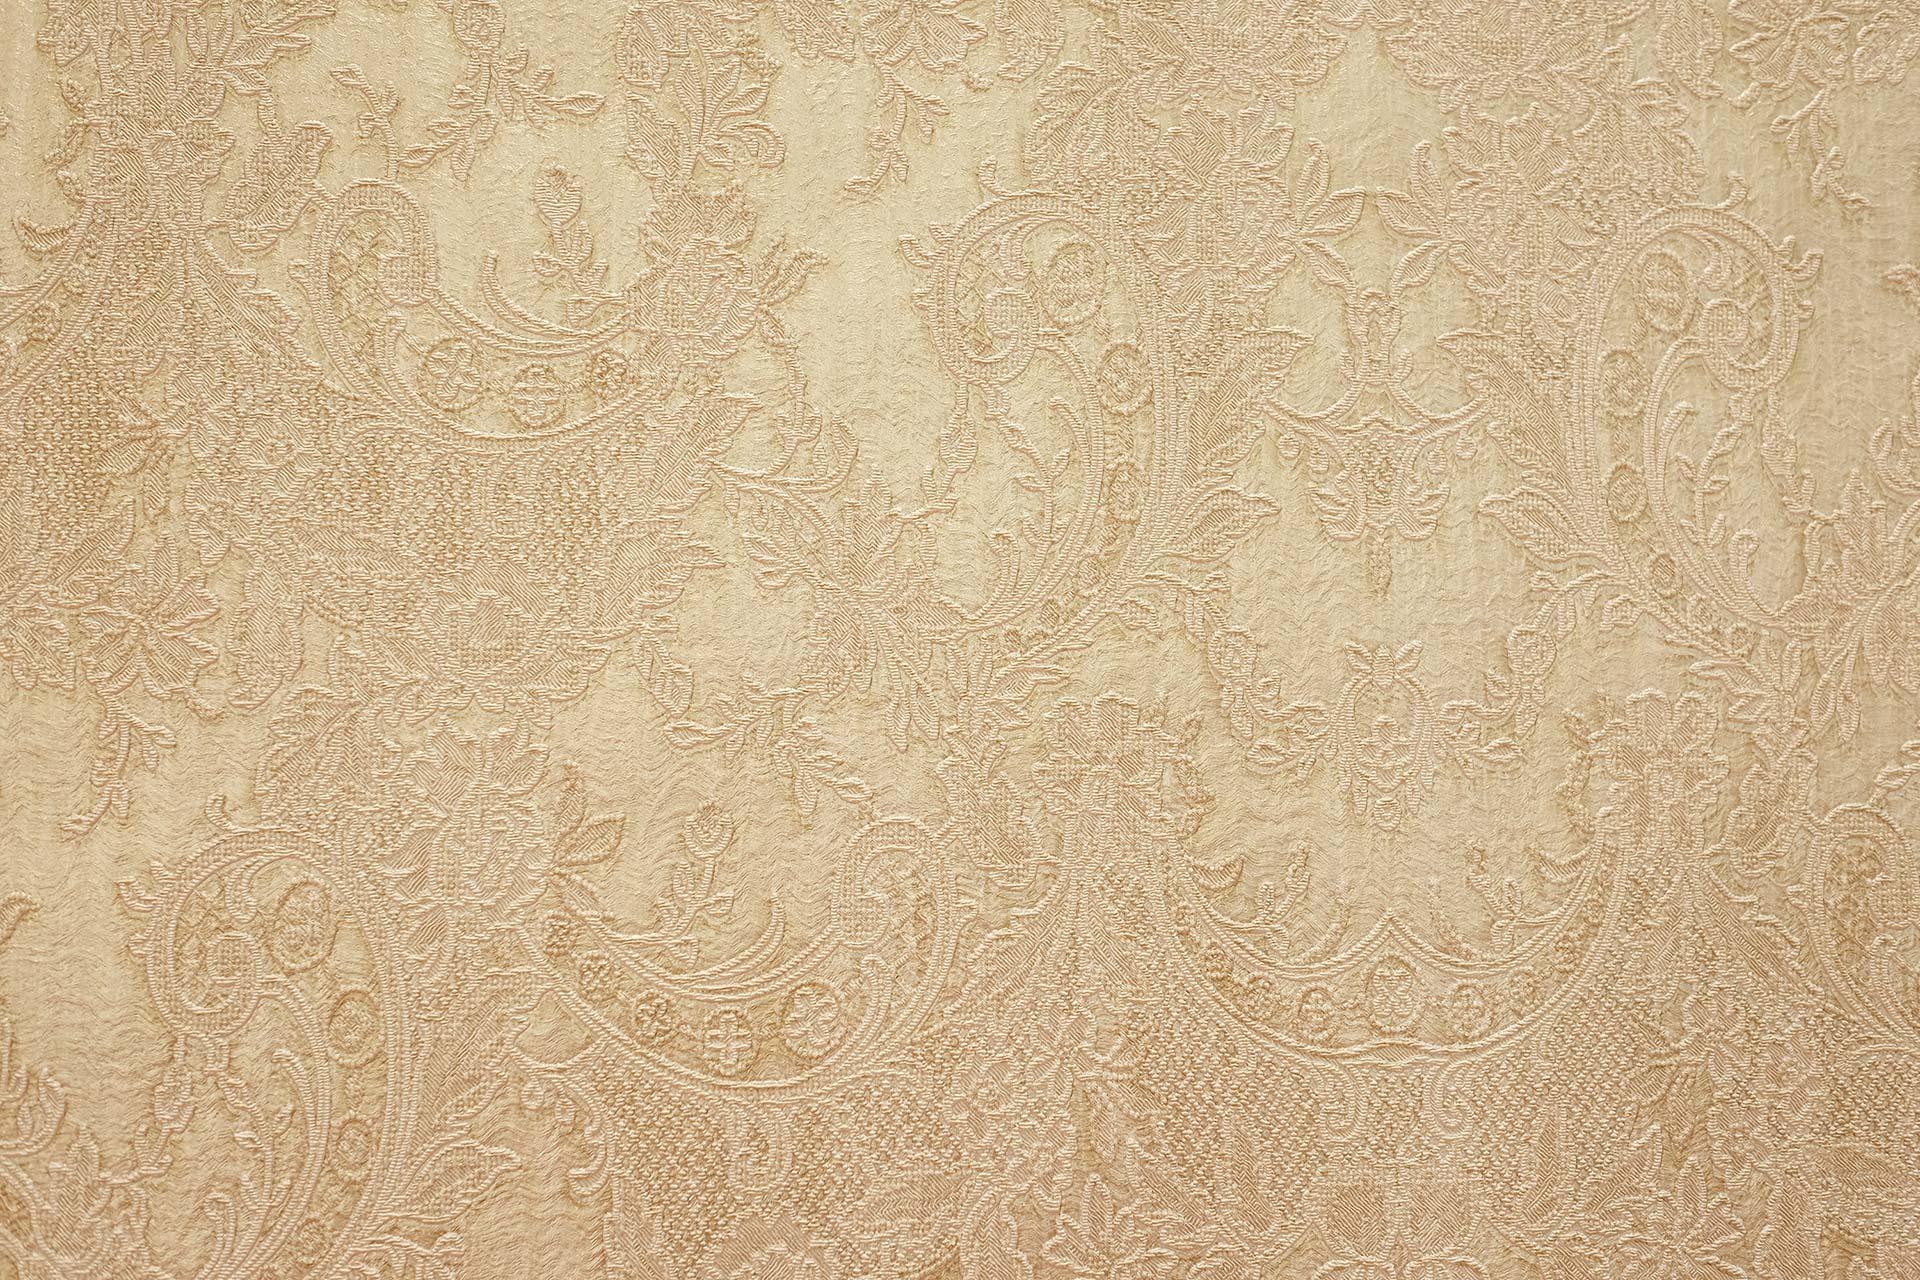 Tapeten & Farben - Vliestapete mit eingeprägtem floralem Muster